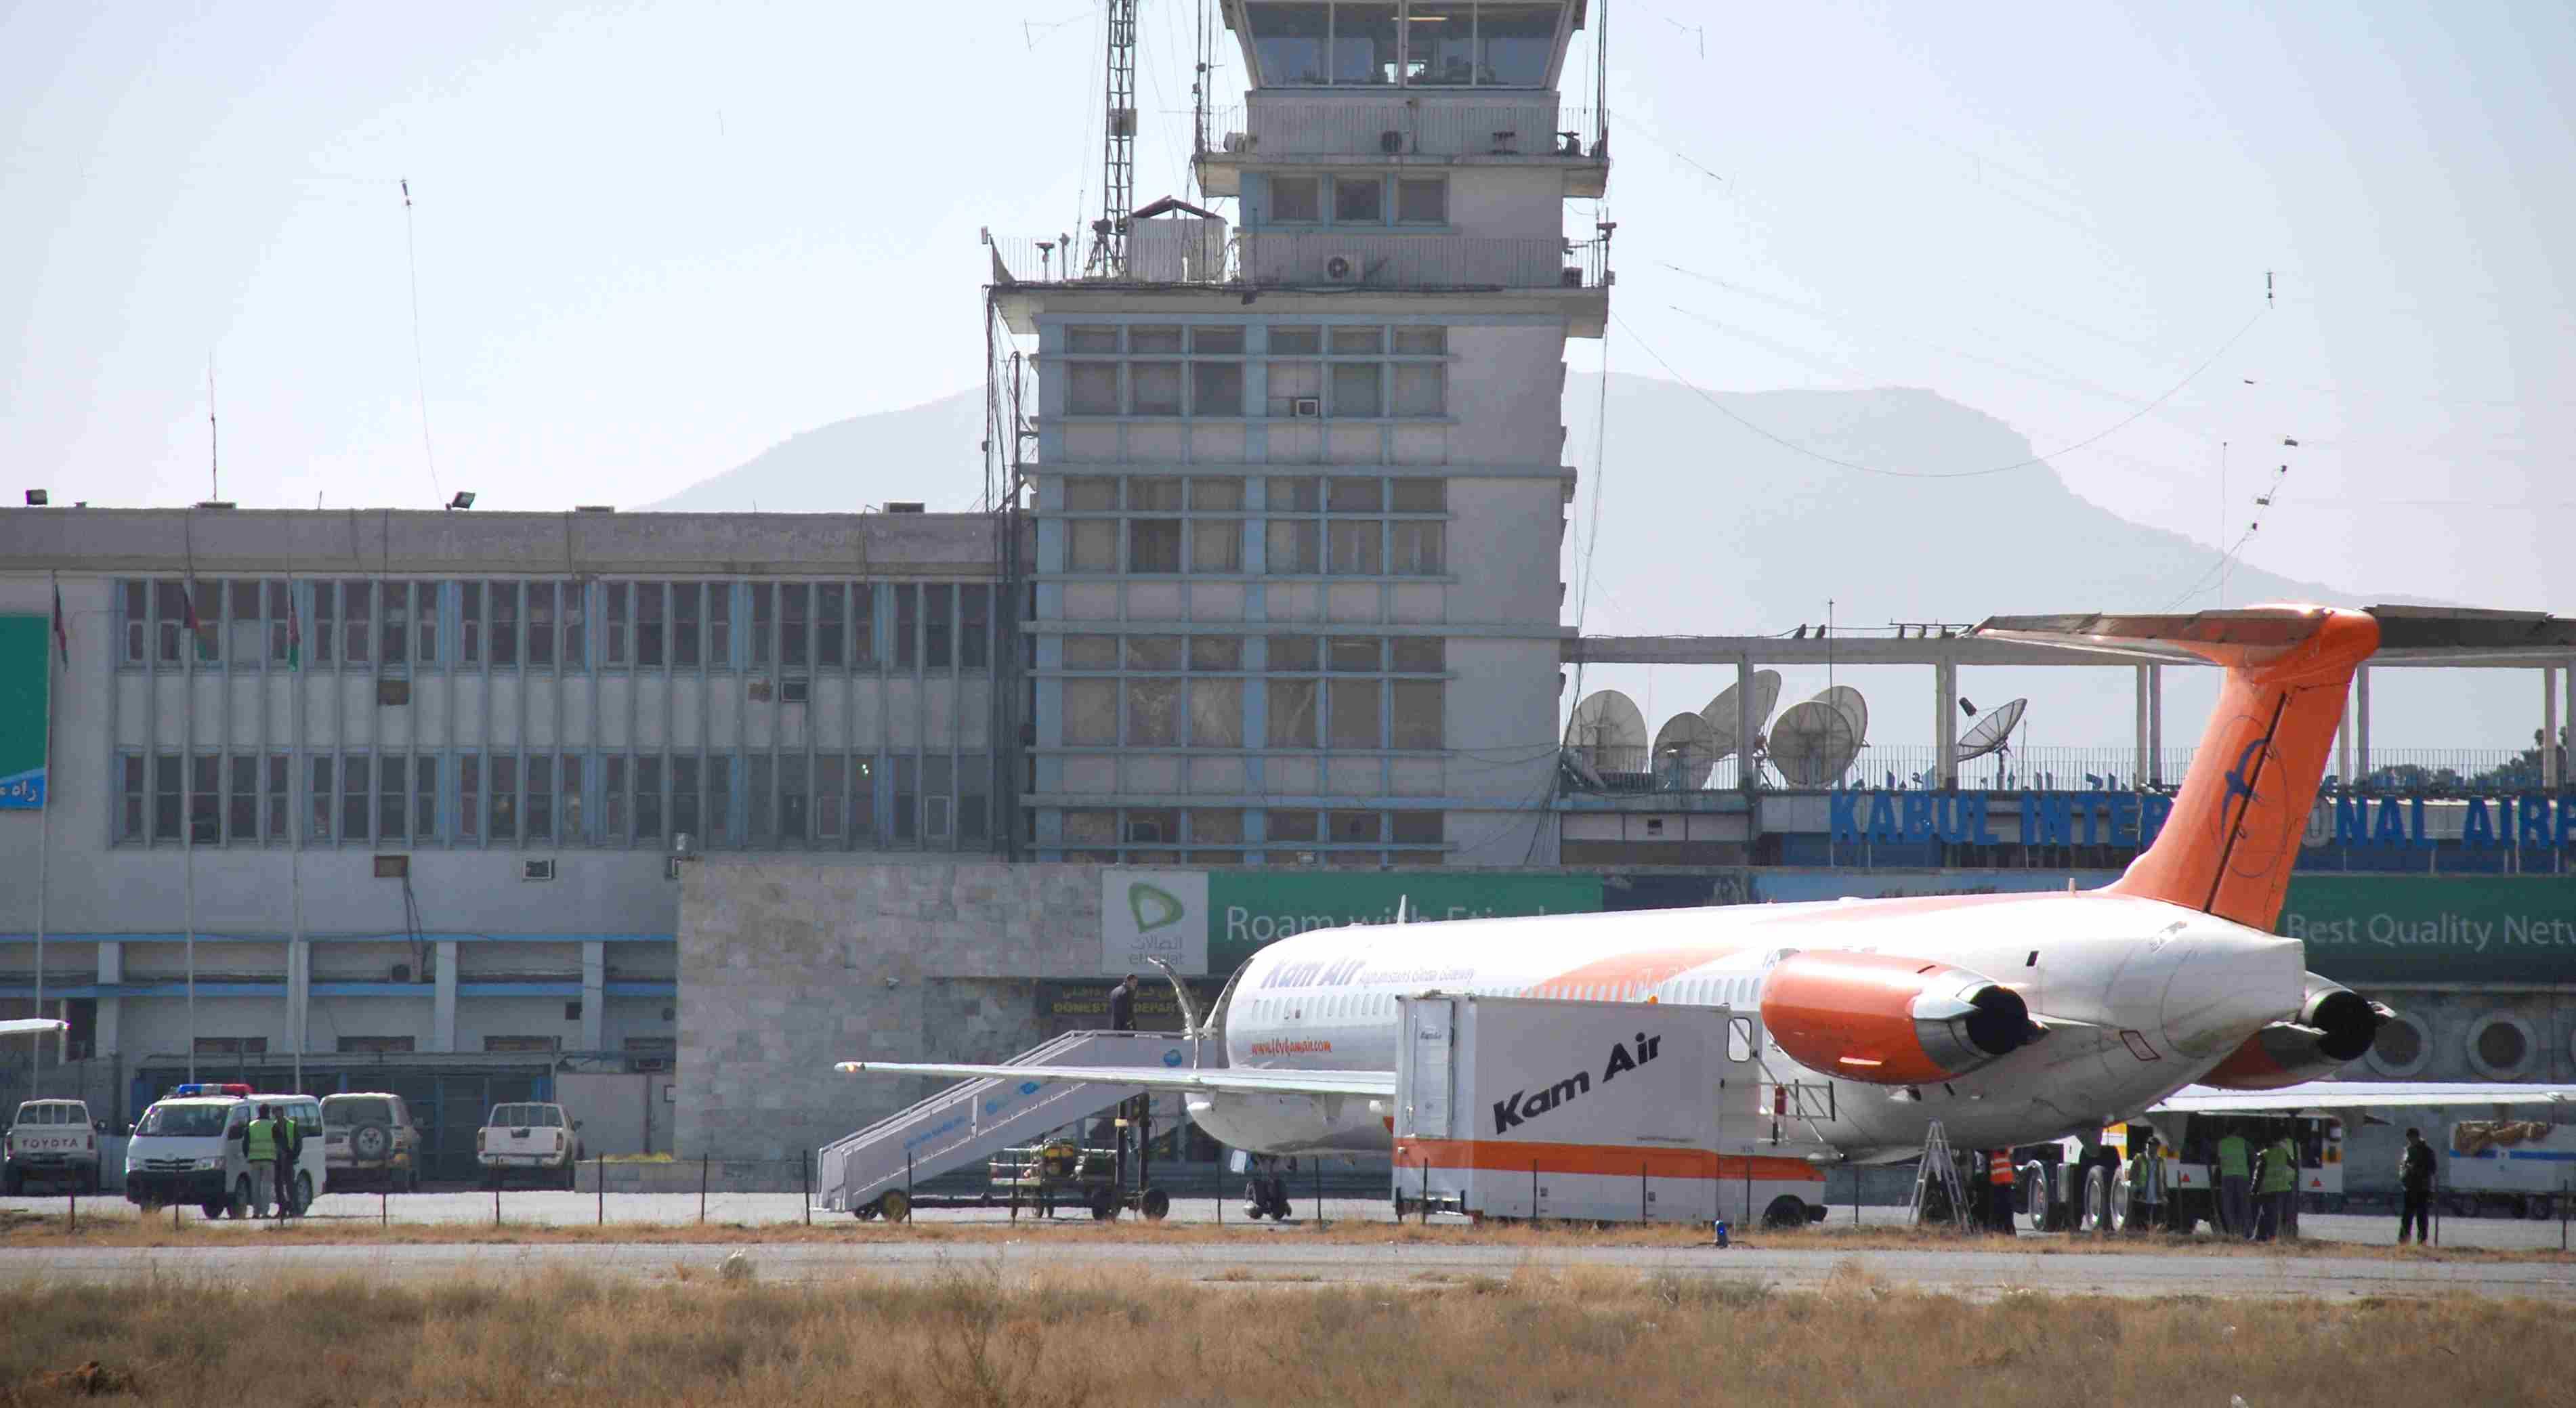 DOBLE LLAVE - El hecho se produjo minutos después del regreso del vicepresidente del país el generalAbdul Rasheed Dostum